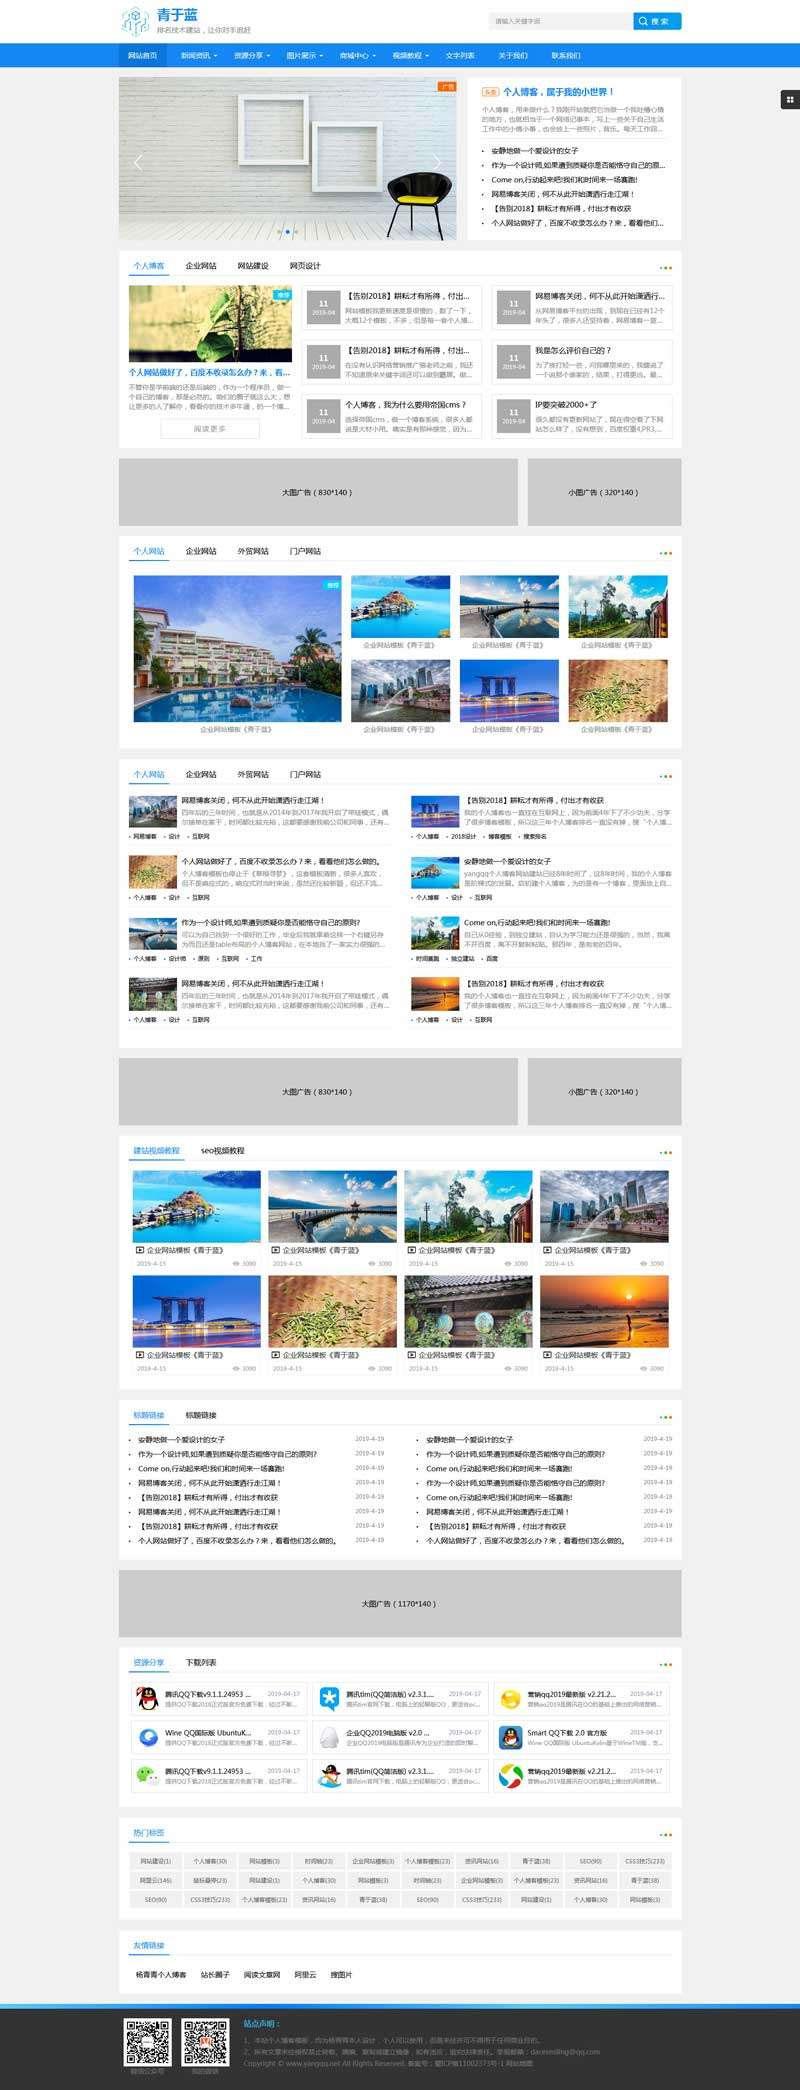 蓝色简洁响应式SEO建站资讯IT技术交流博客网站模板